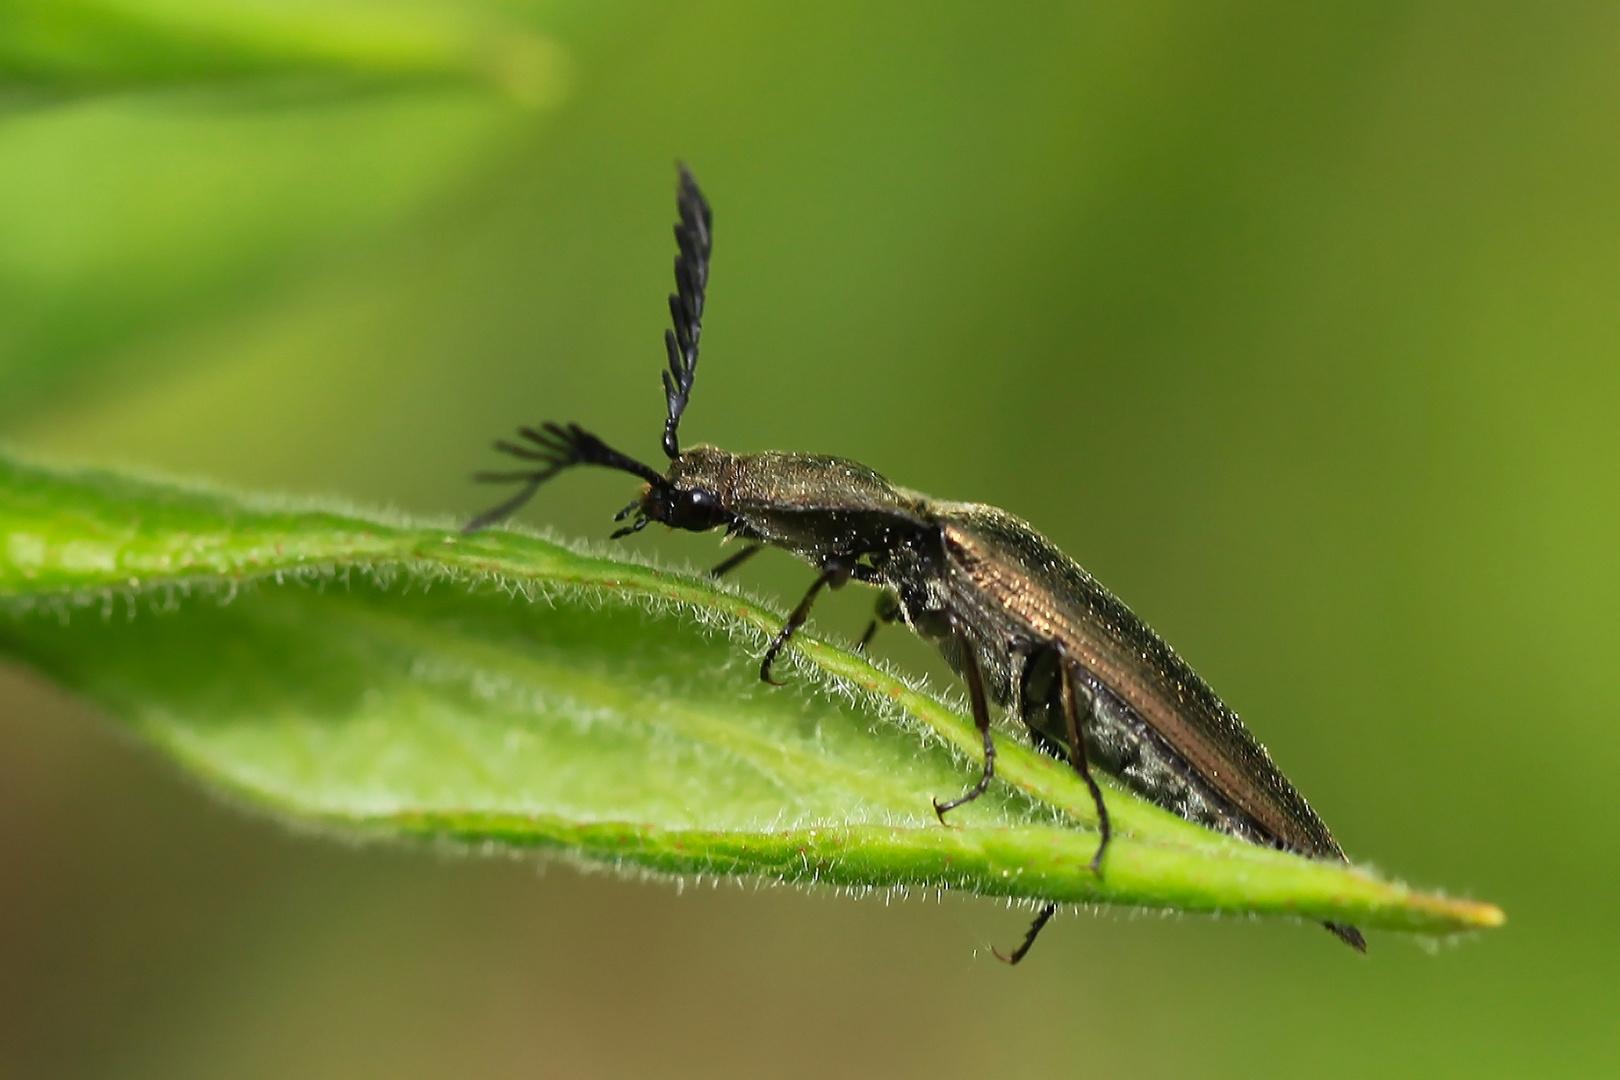 Metallfarbener Rindenschnellkäfer (Stenicera pectinicornis)